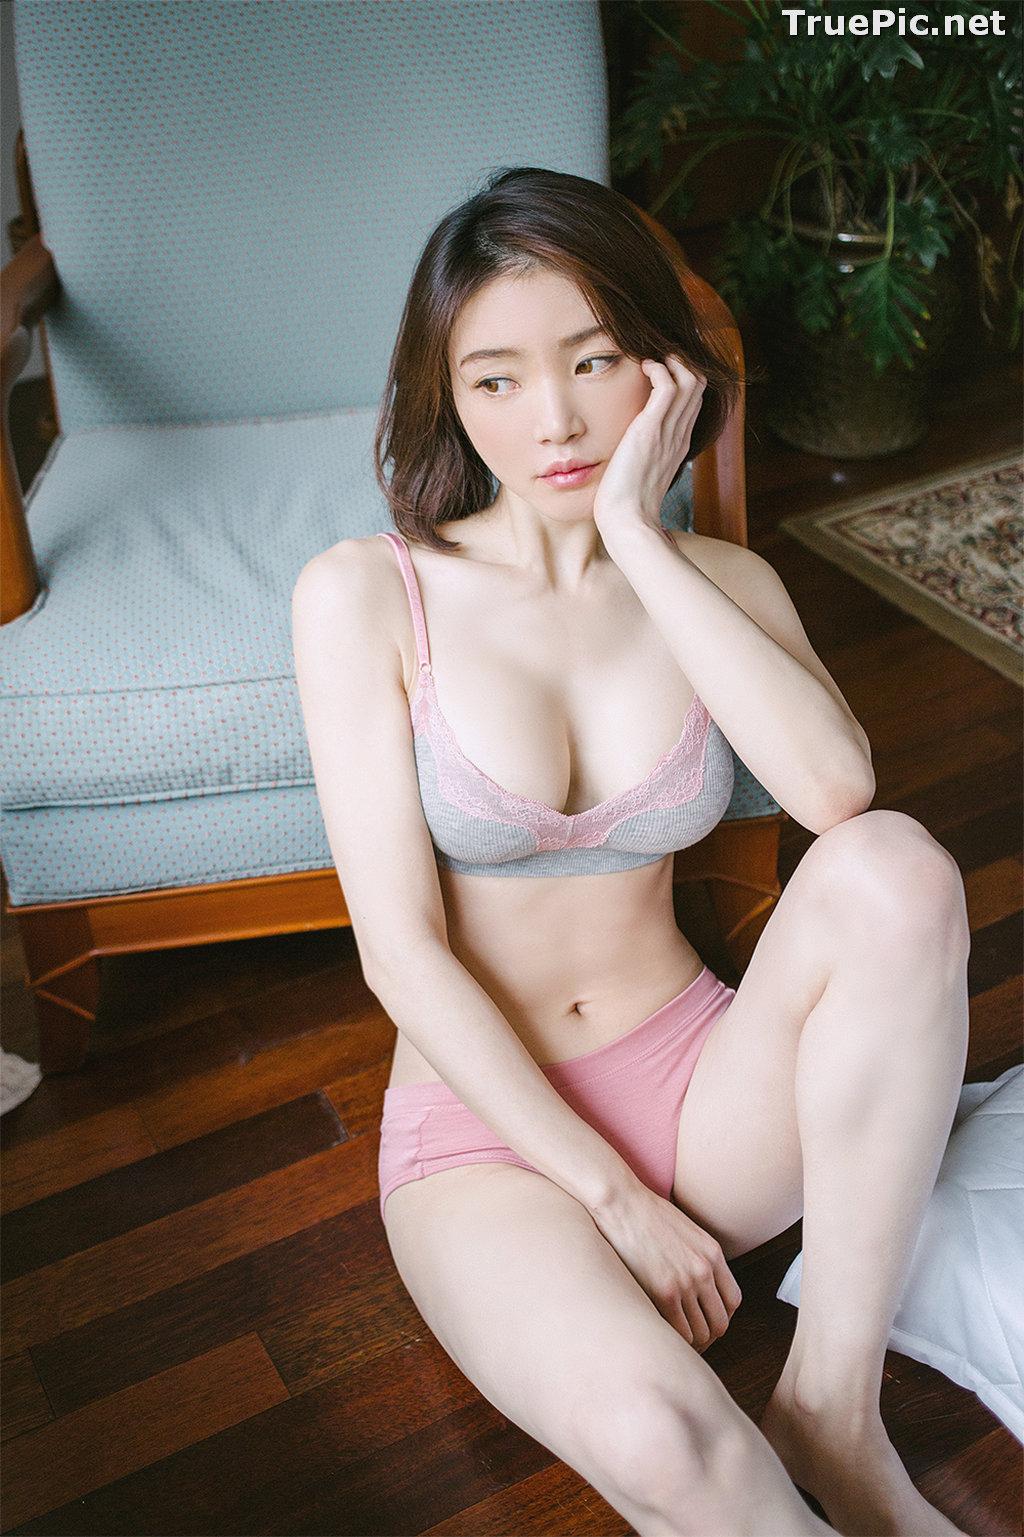 Image Korean Fashion Model - Lee Ho Sin - Laralette Gray Lingerie - TruePic.net - Picture-9